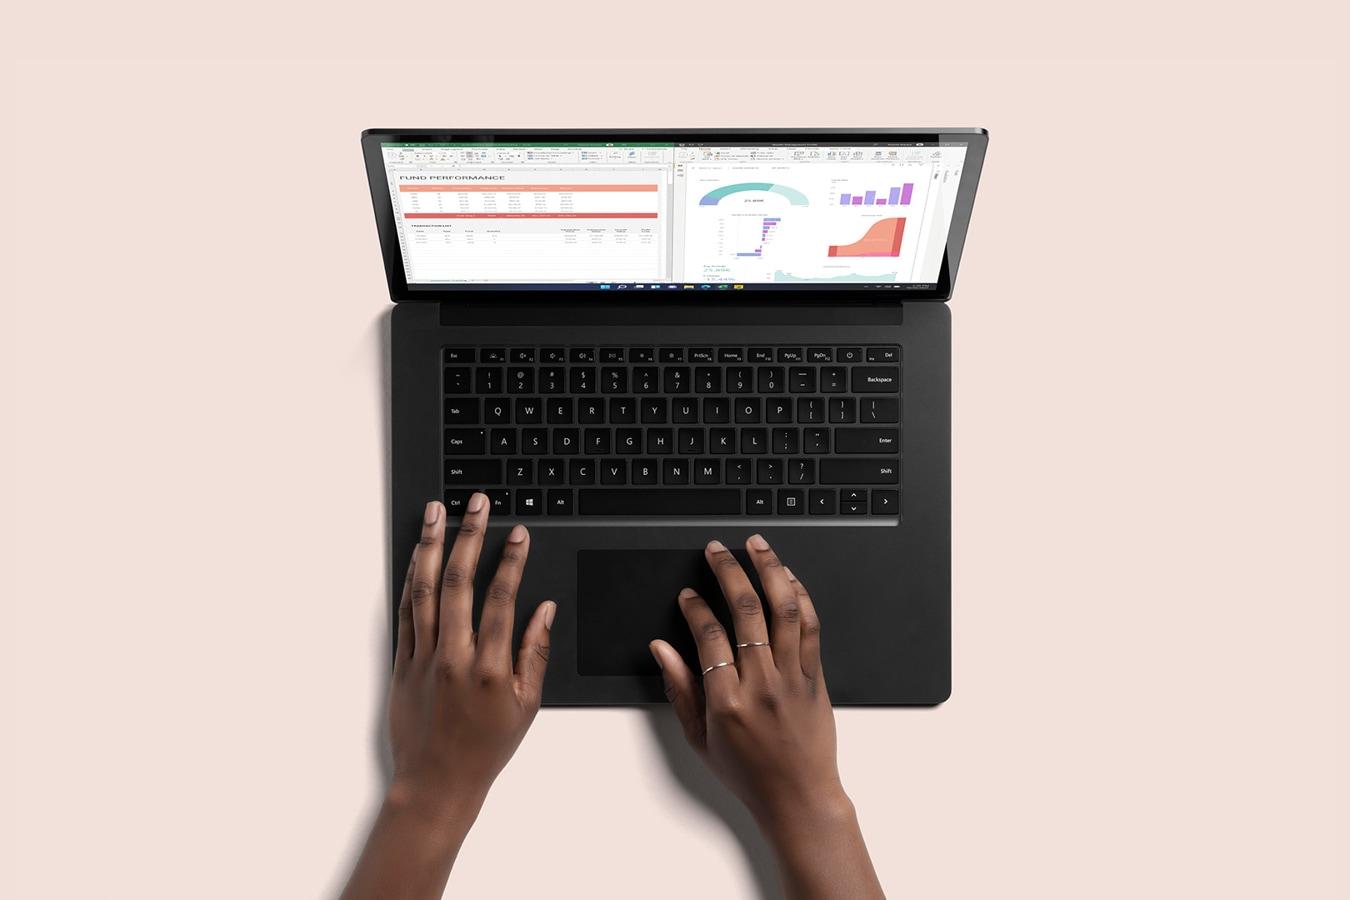 Ansicht eines Surface Laptop 4 in Schwarz von oben, zwei Hände tippen auf der Tastatur